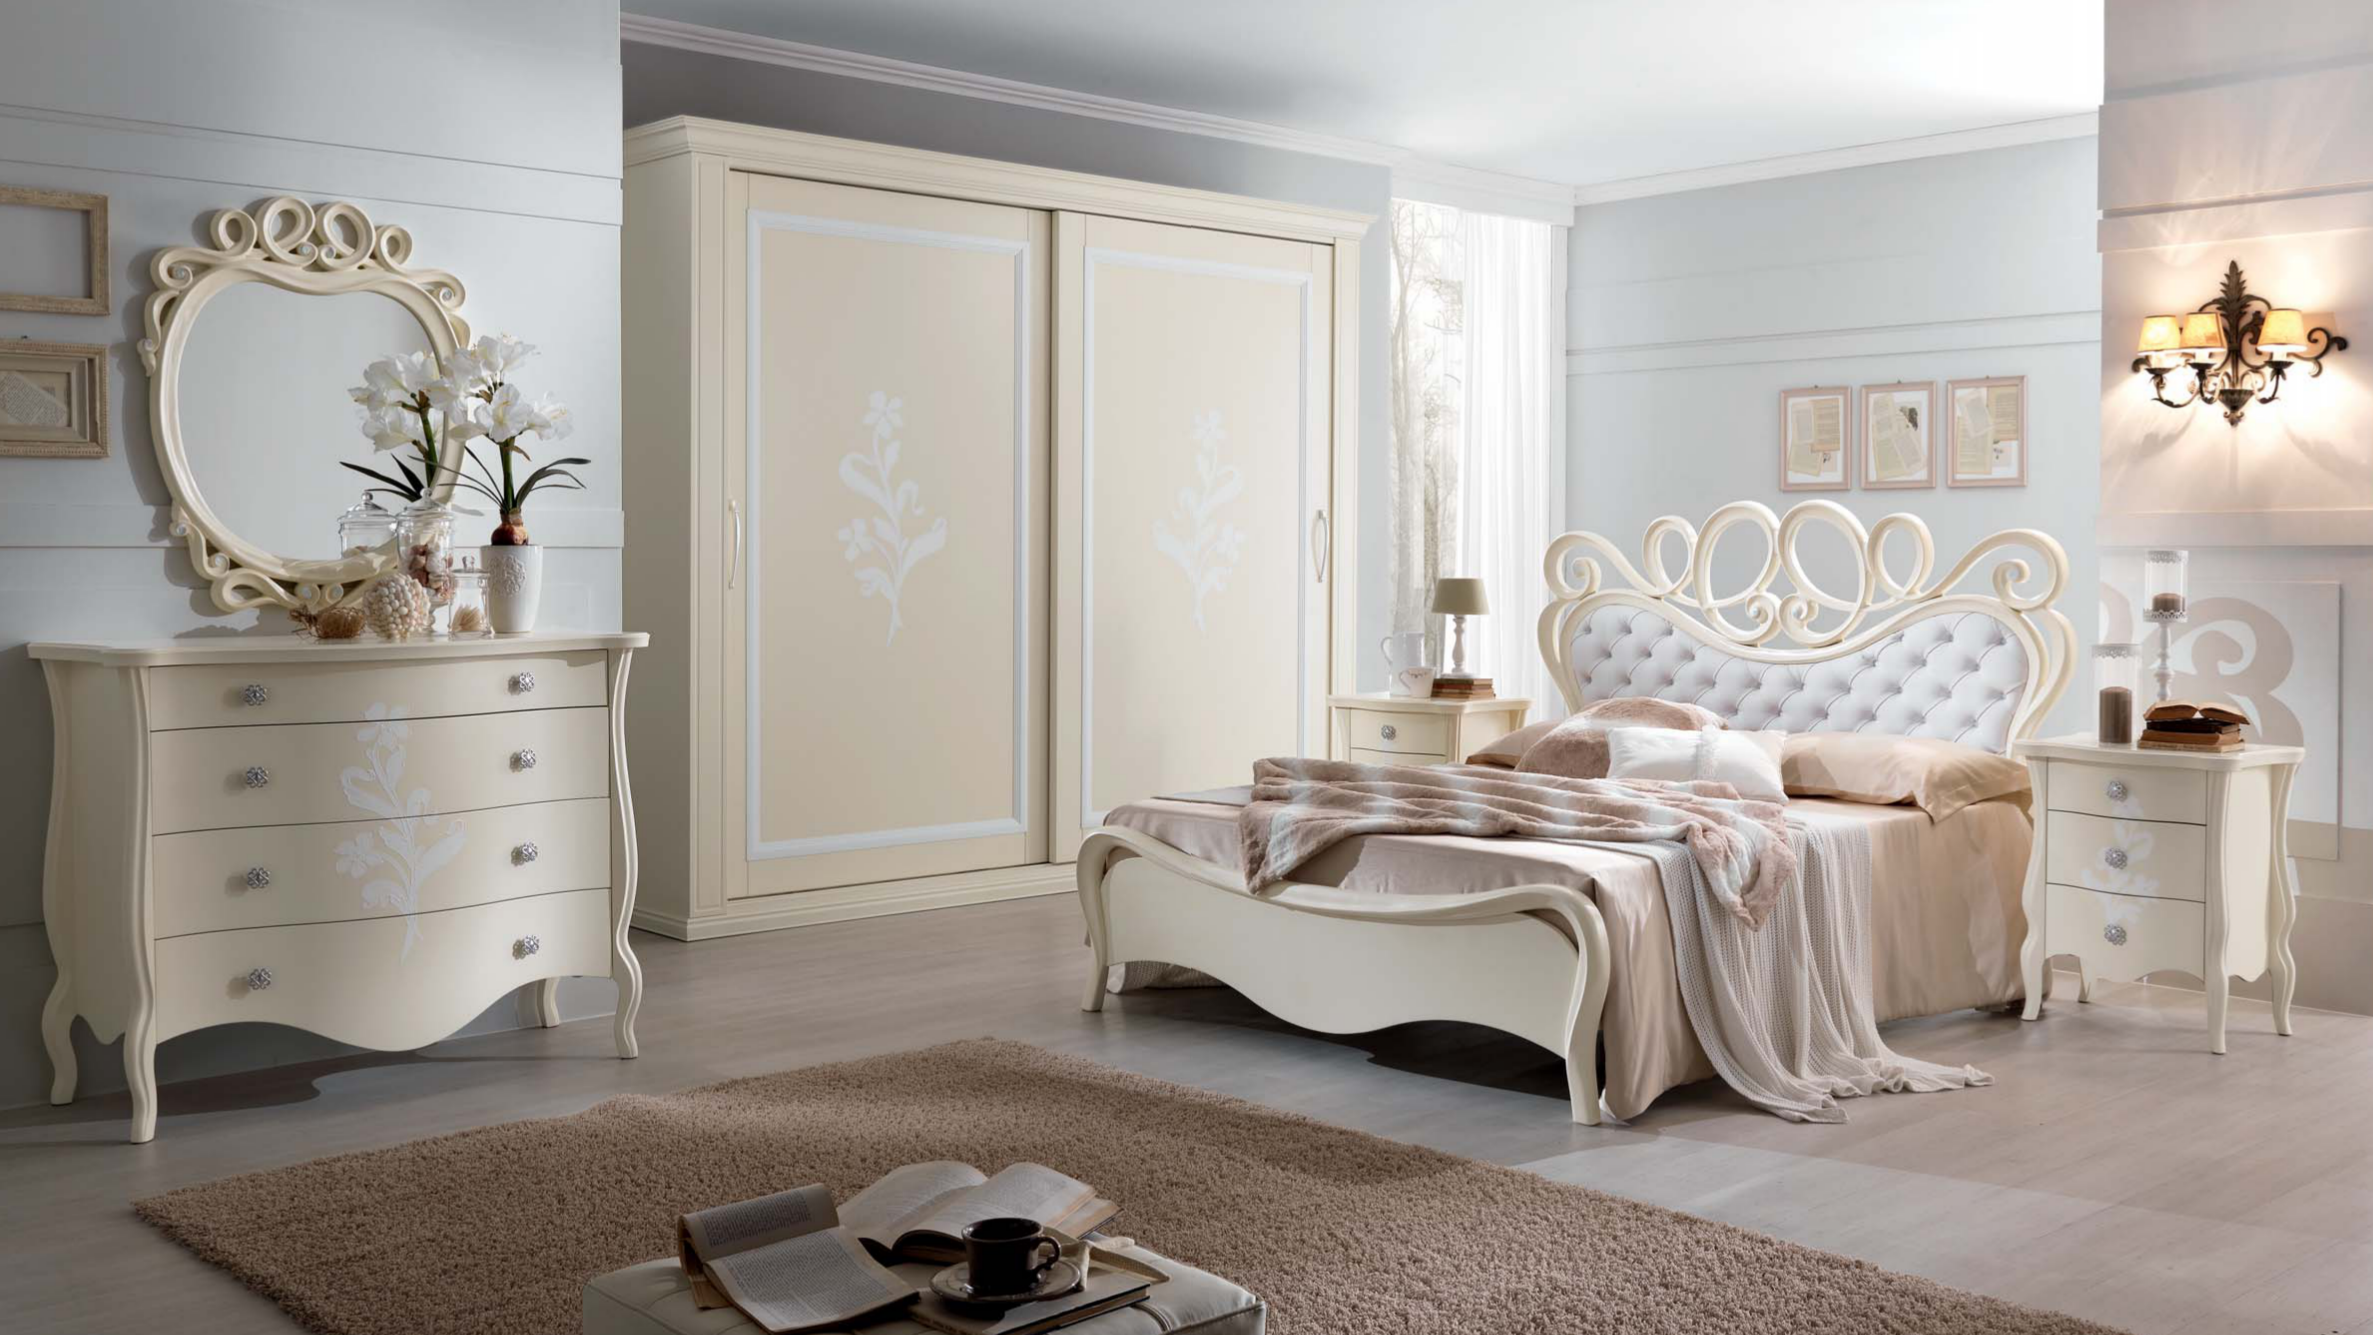 Letto dafne letto elegante moderno for Camere da letto moderne 2018